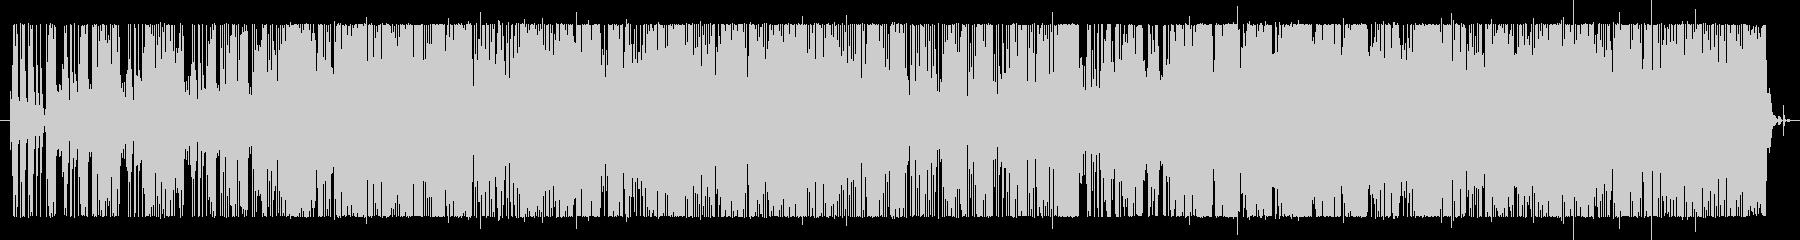 ファンクサウンドのショートテーマ曲。の未再生の波形